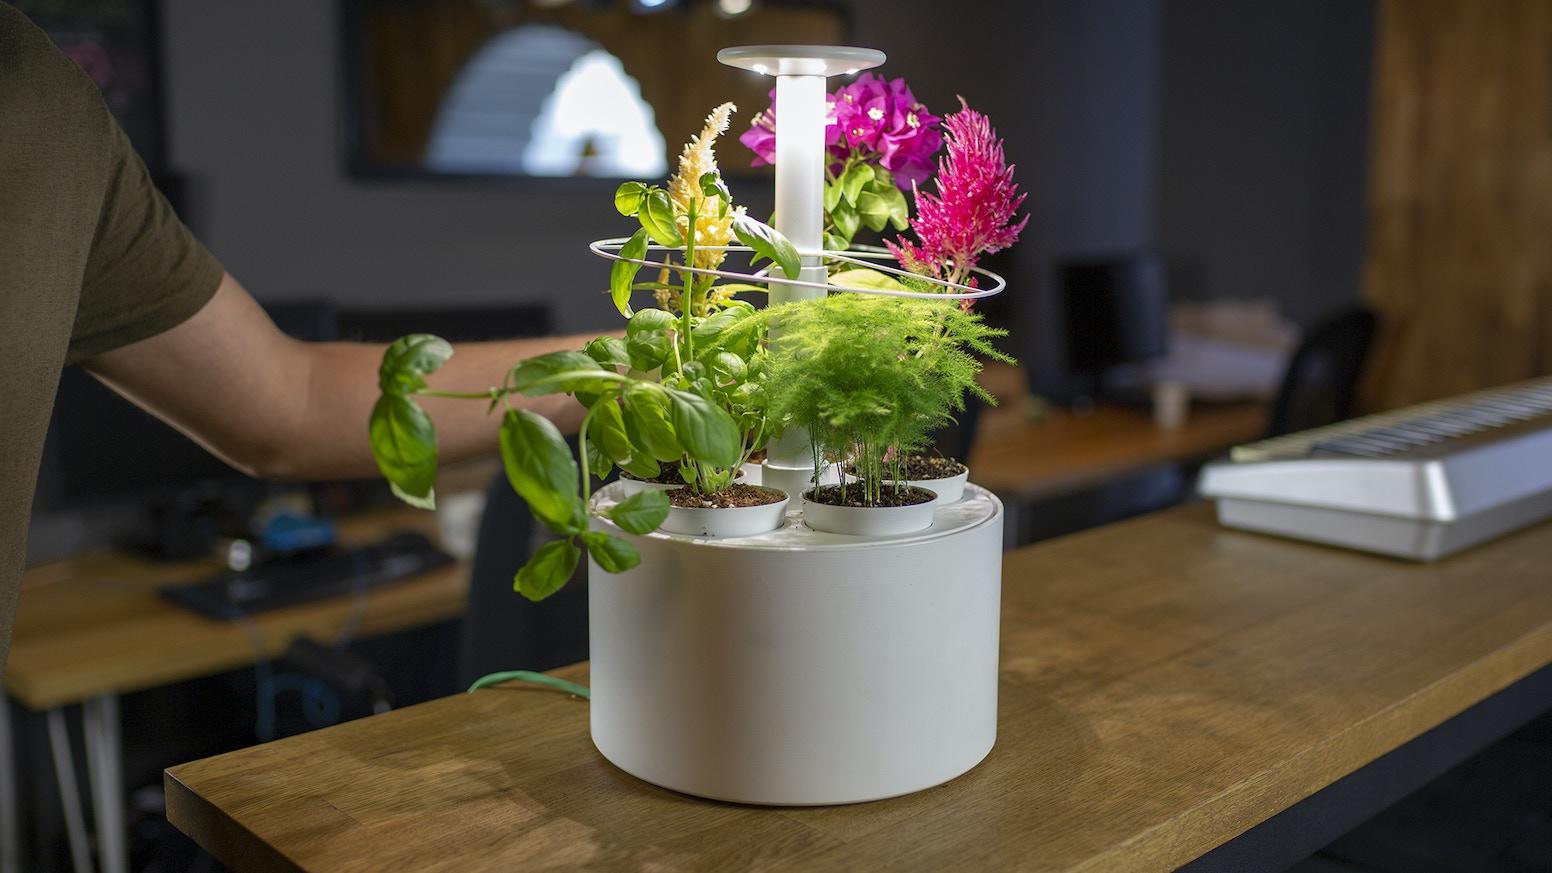 Plantone Smartest Mini Indoor Garden By Kickstarter